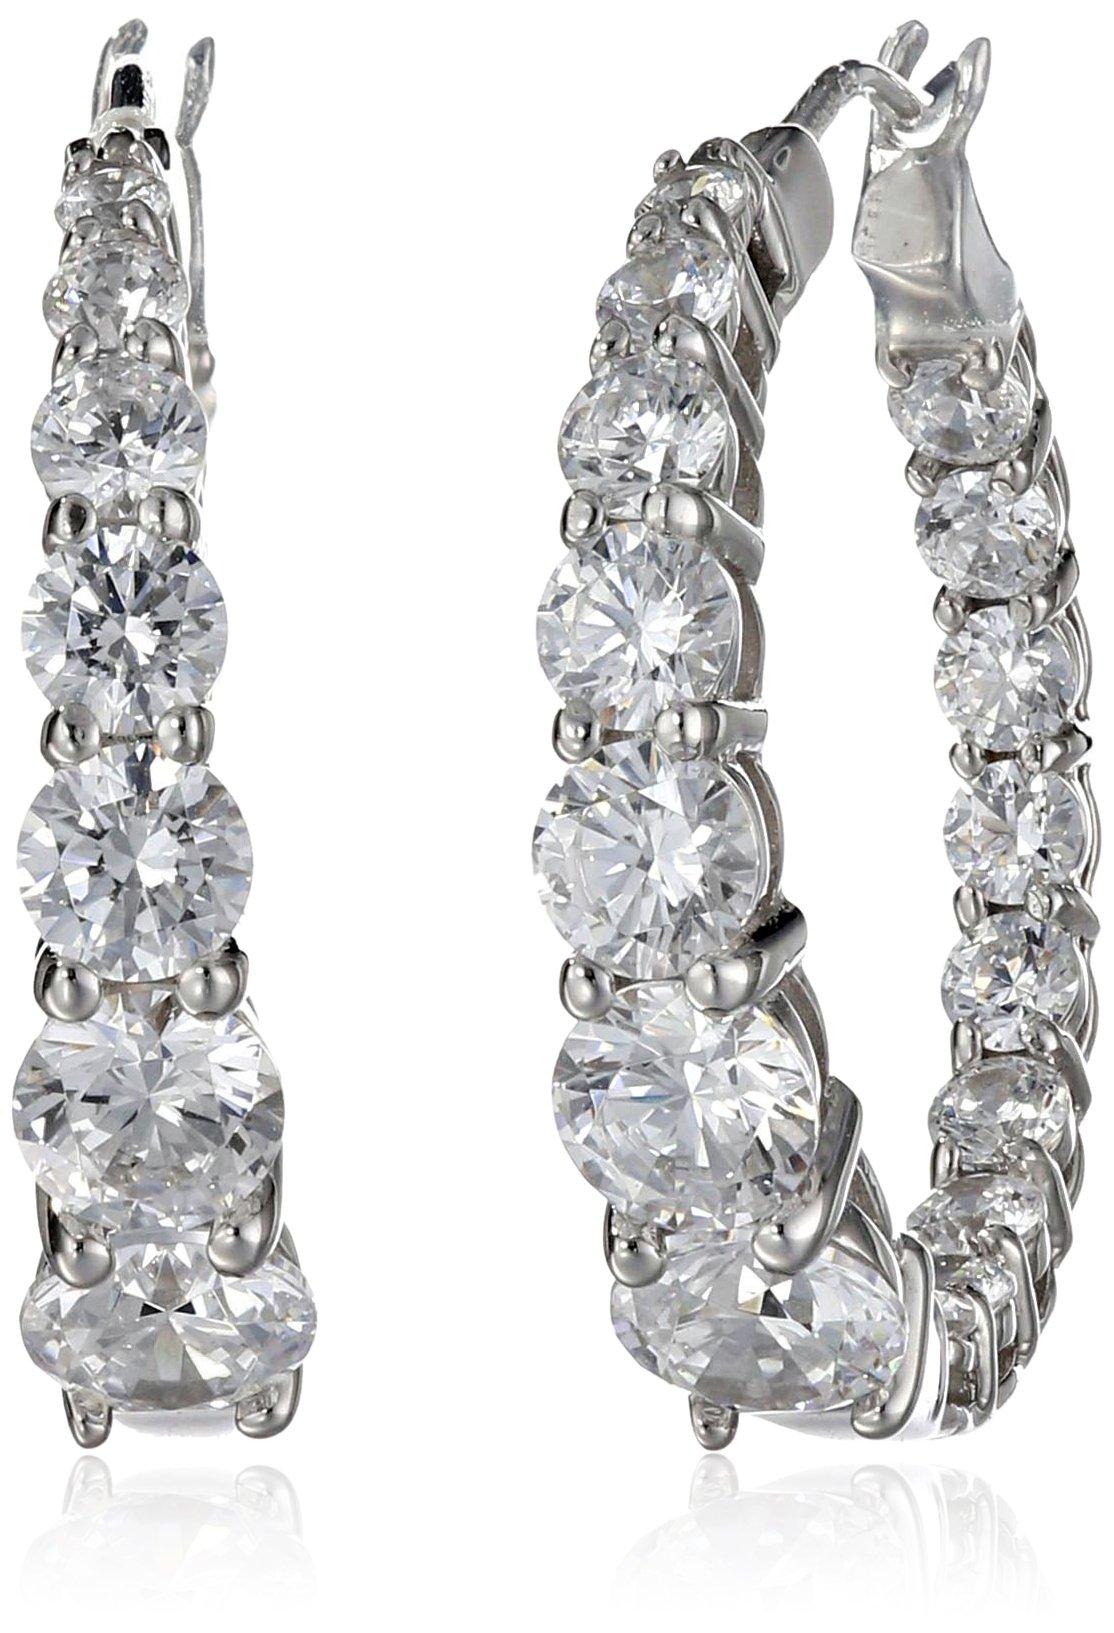 Platinum Plated Sterling Silver Hoop Earrings set with Graduated Swarovski Zirconia (3.76 cttw), 1'' Diameter